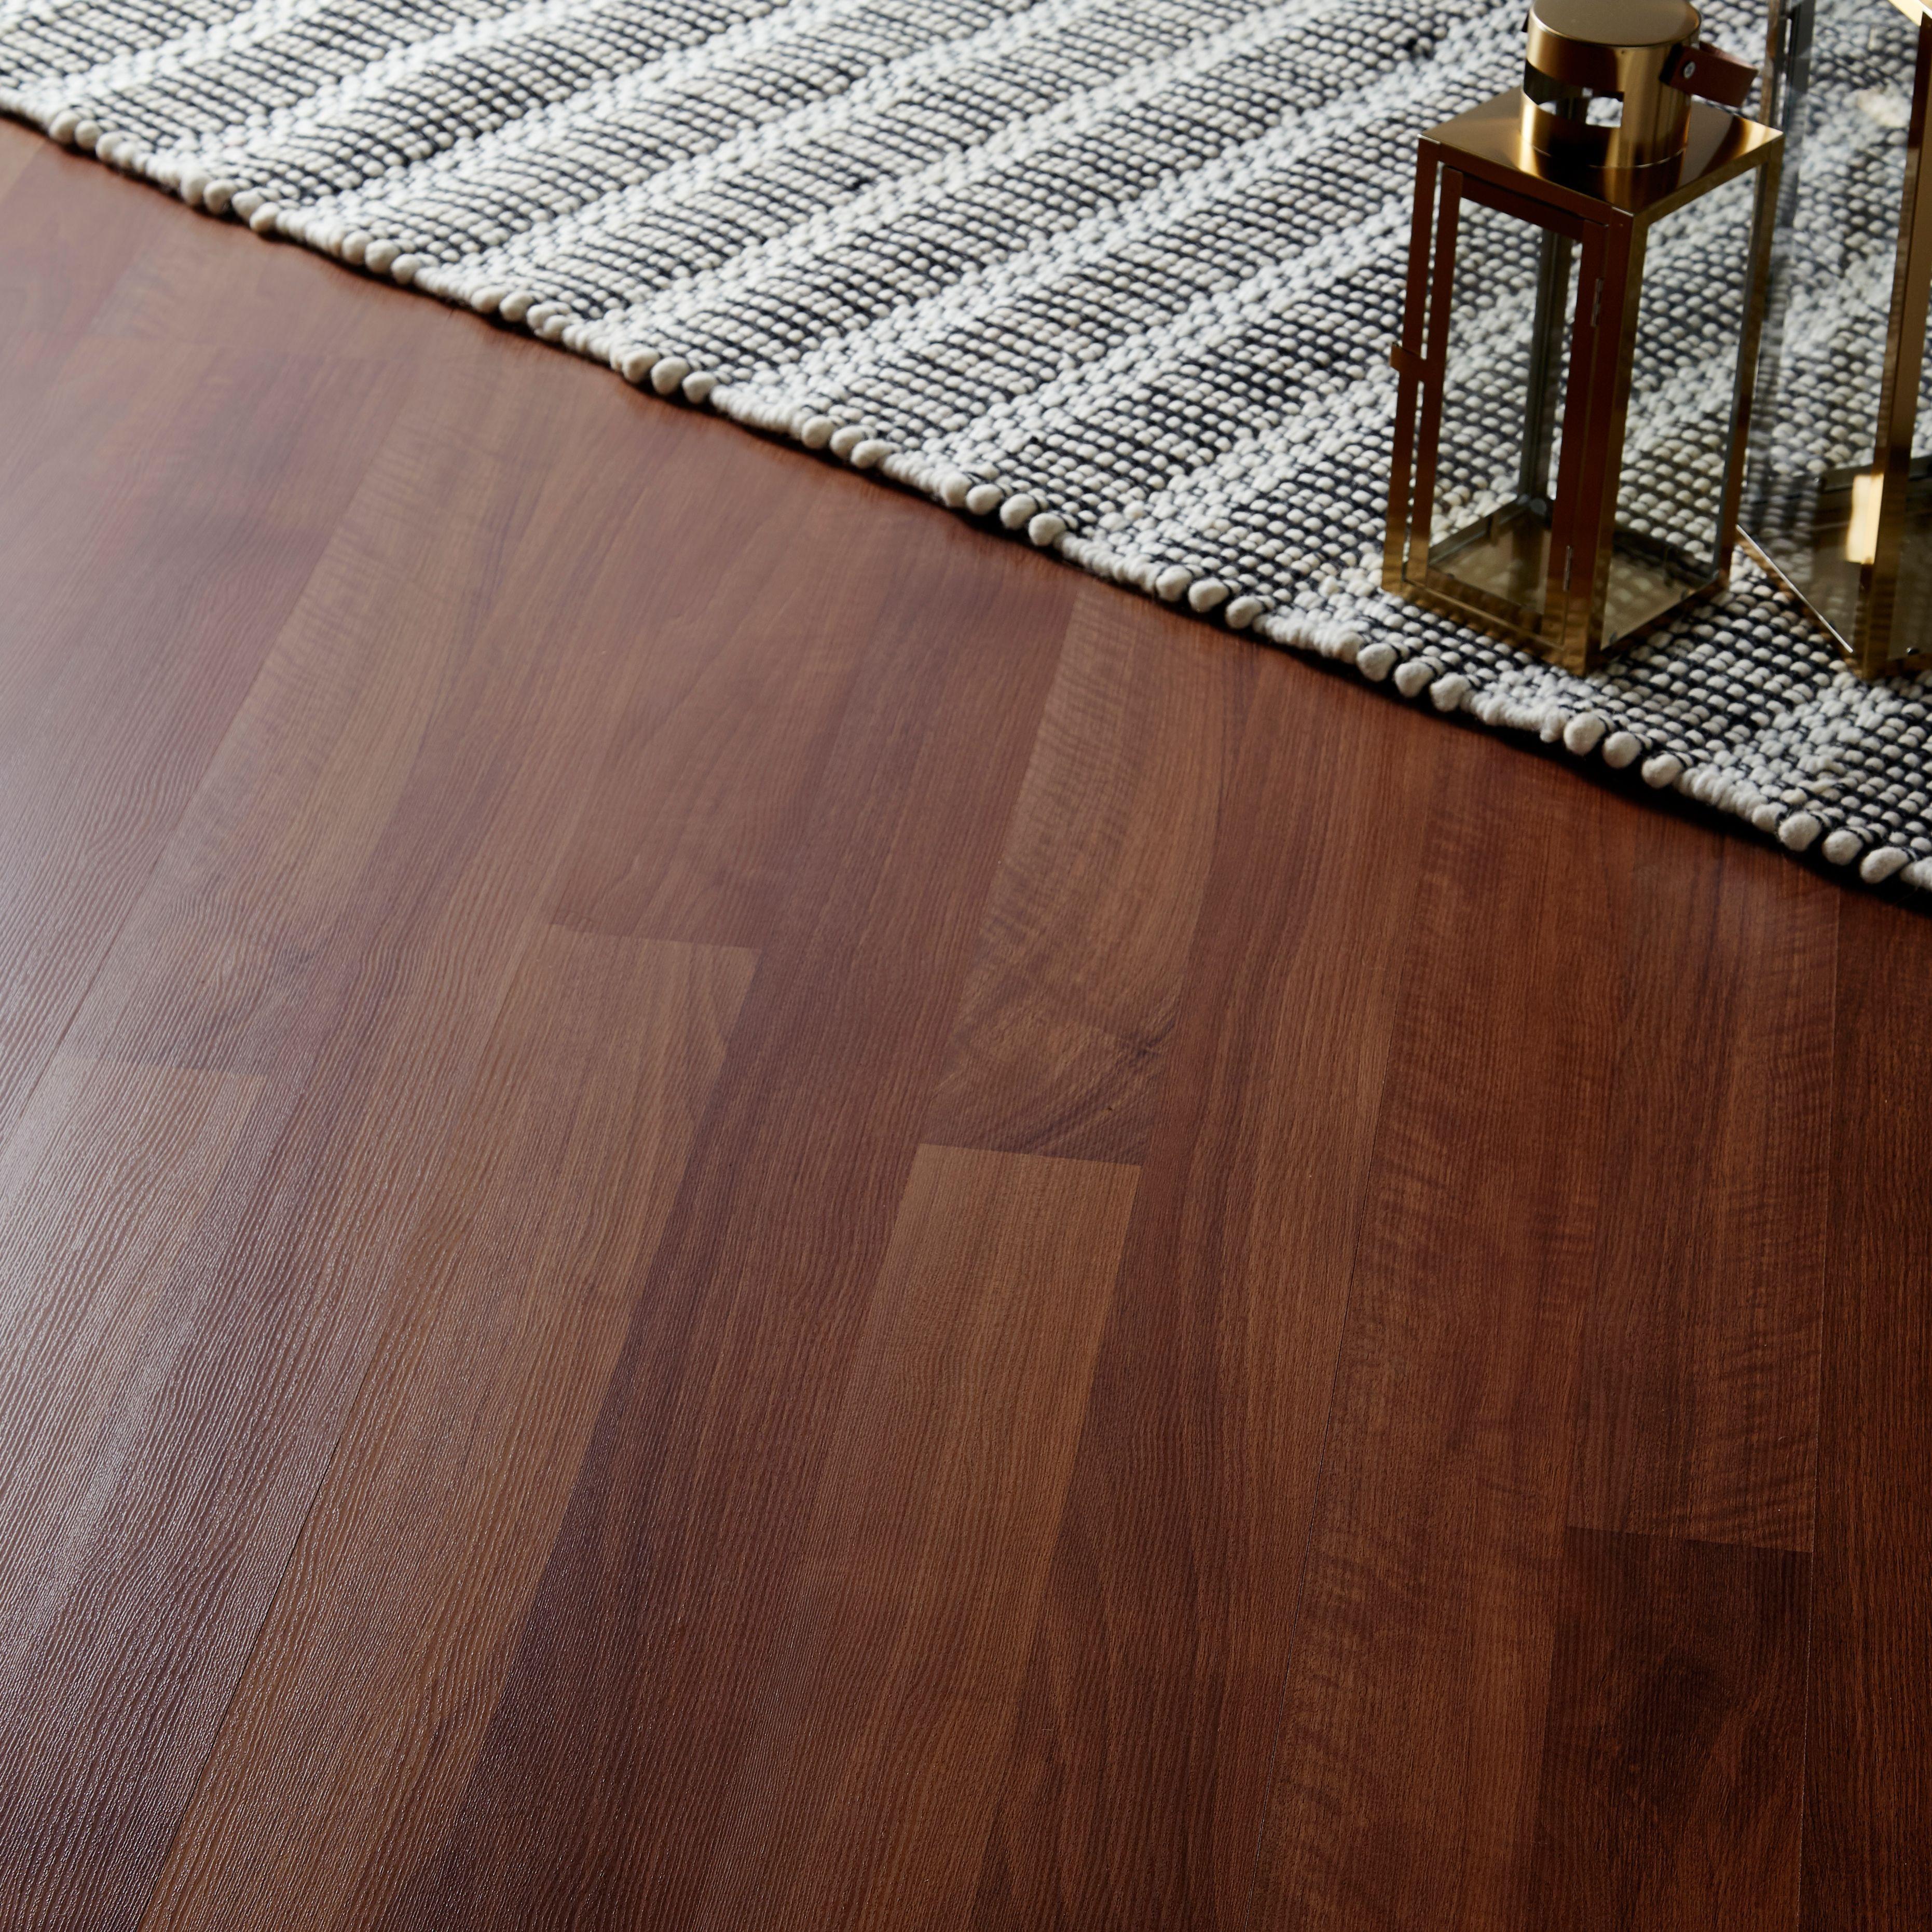 Geraldton Natural Oak effect Laminate flooring sample